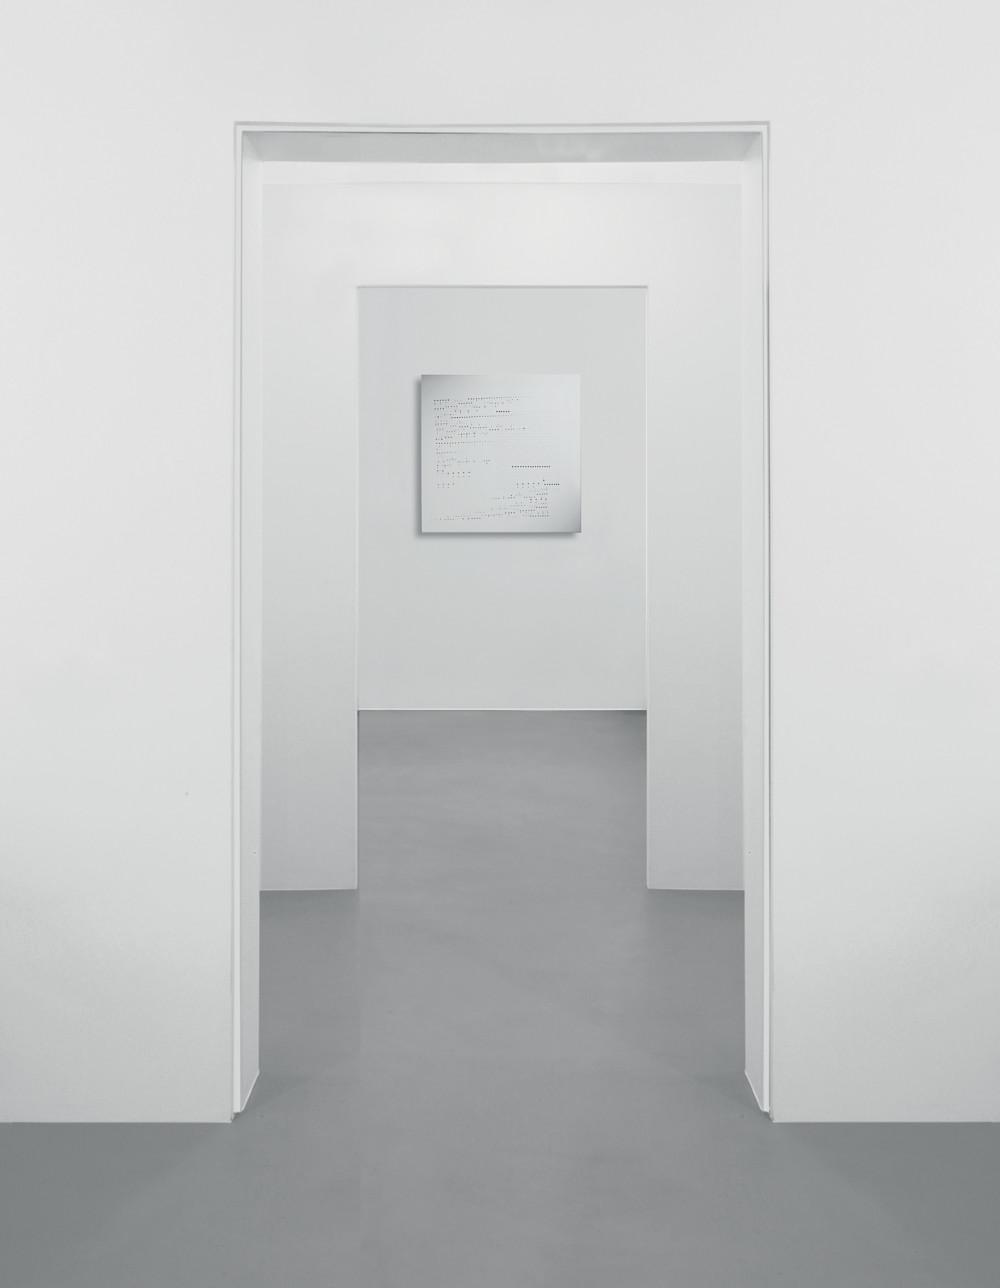 A arte Invernizzi Riccardo De Marchi 4